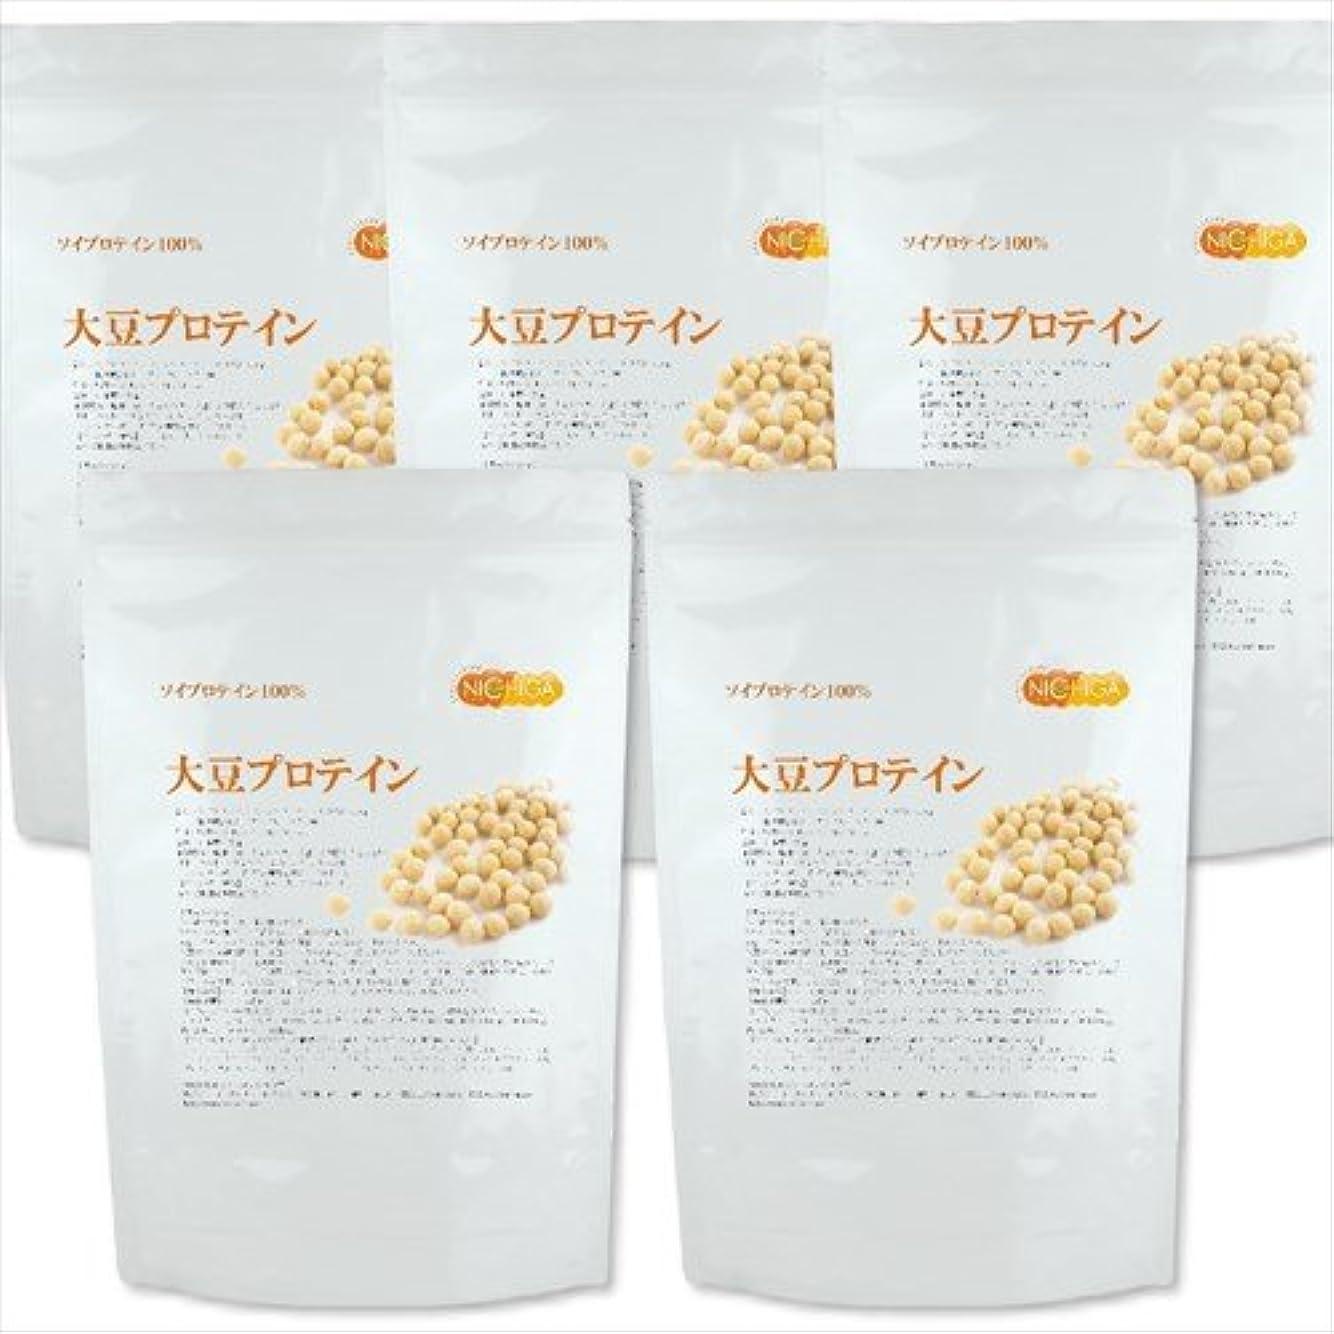 明快レパートリー現在<New> 大豆プロテイン(国内製造)1kg×5袋 [02] NICHIGA(ニチガ) 製品のリニューアル致しました ソイプロテイン100% 遺伝子組み換え不使用大豆 新規製法採用!